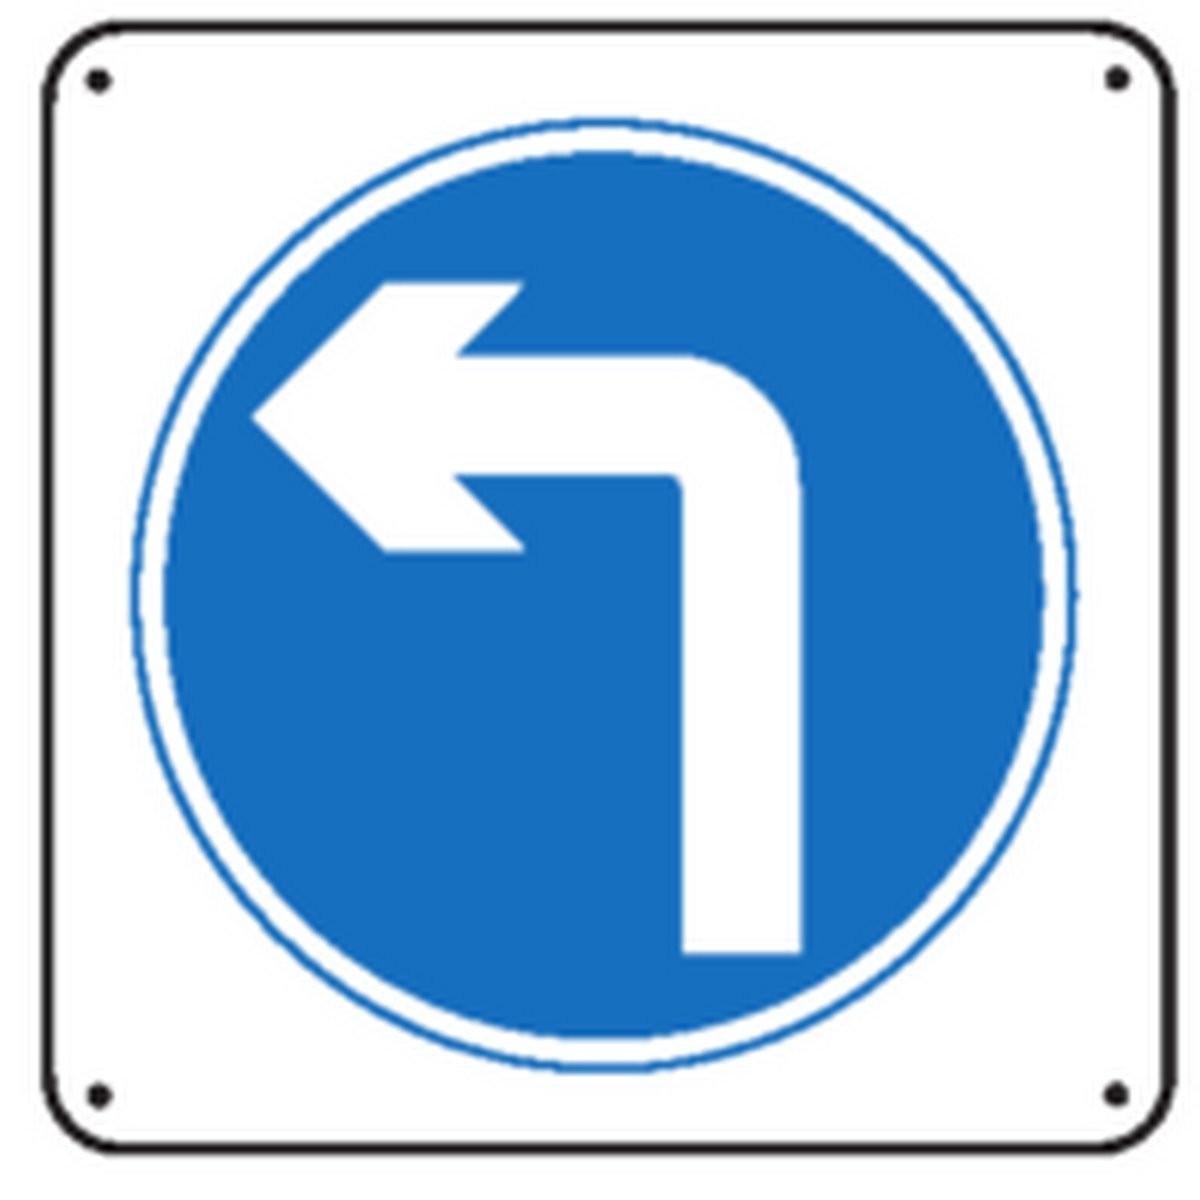 Panneau Obligation de tourner à gauche renforcé